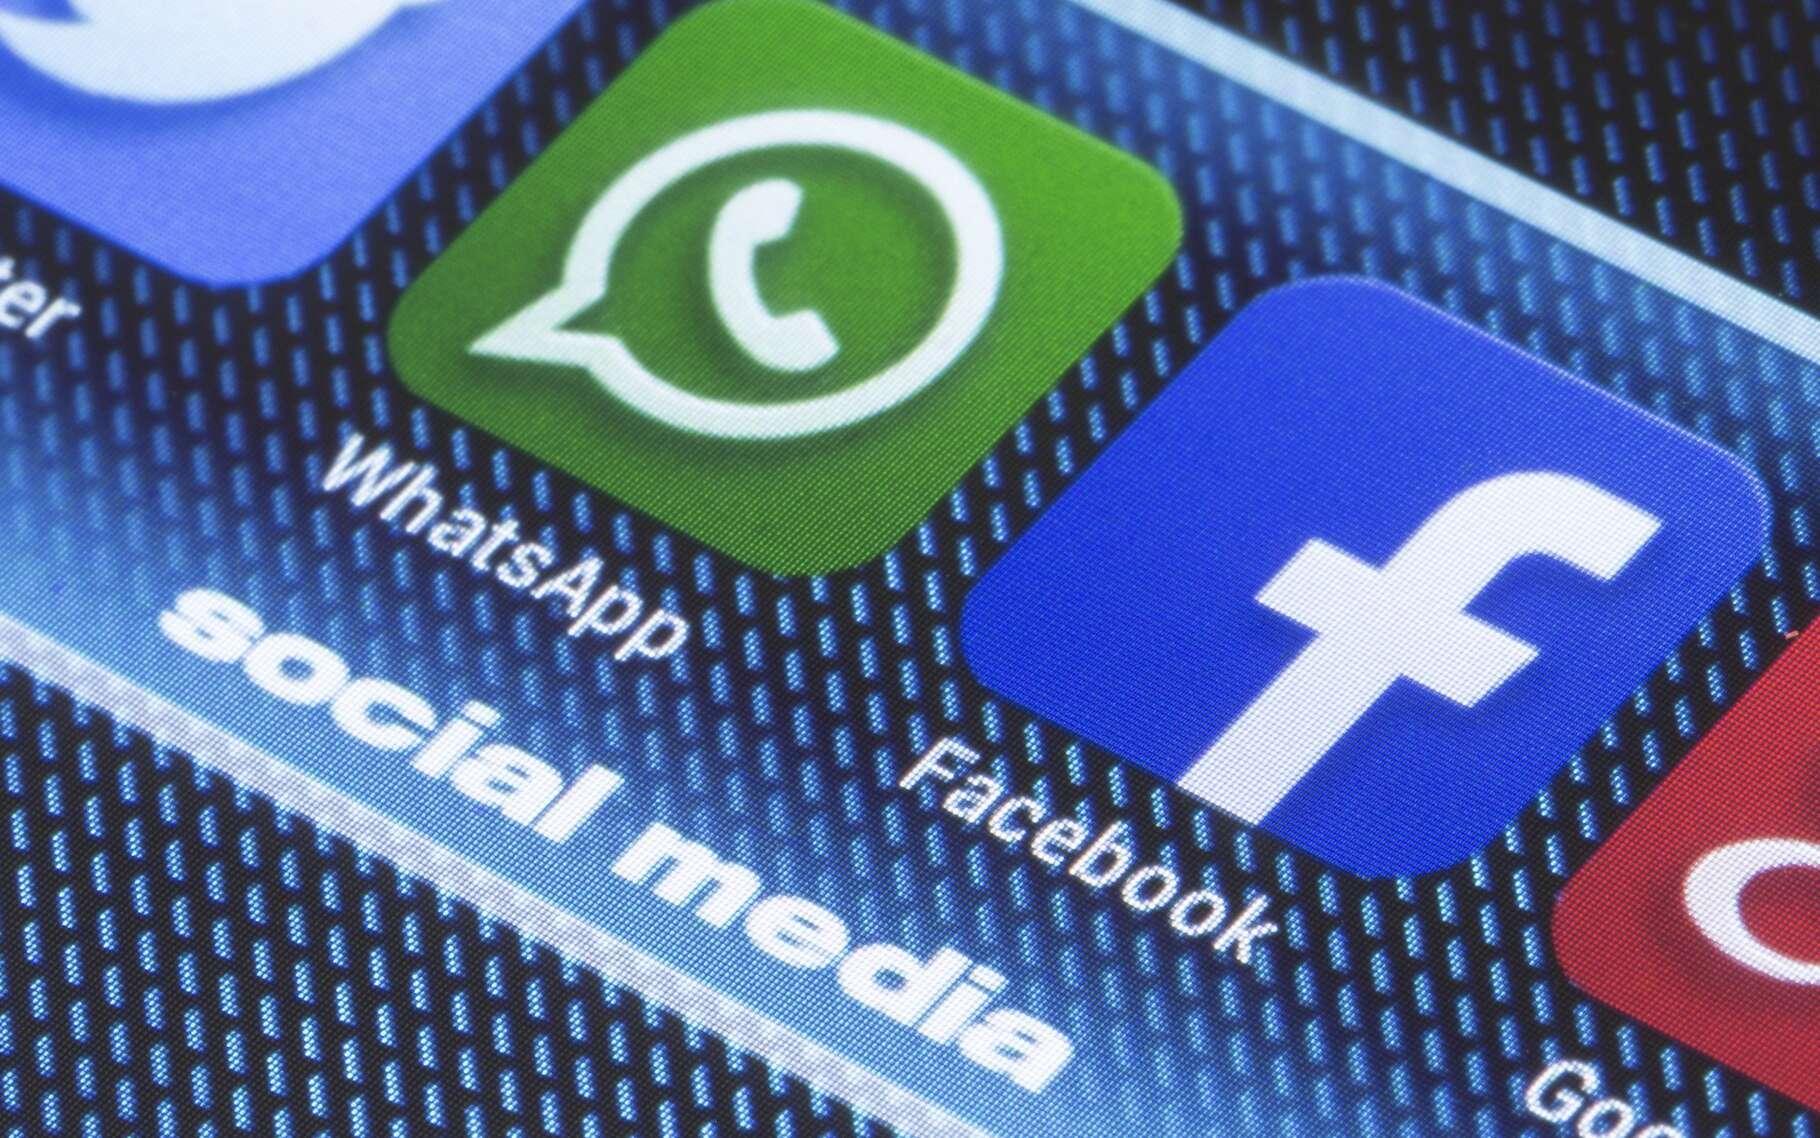 Les groupes privés de WhatsApp ne le sont pas vraiment à partir du moment où on s'y connecte via un lien de partage. © Quka, Shutterstock